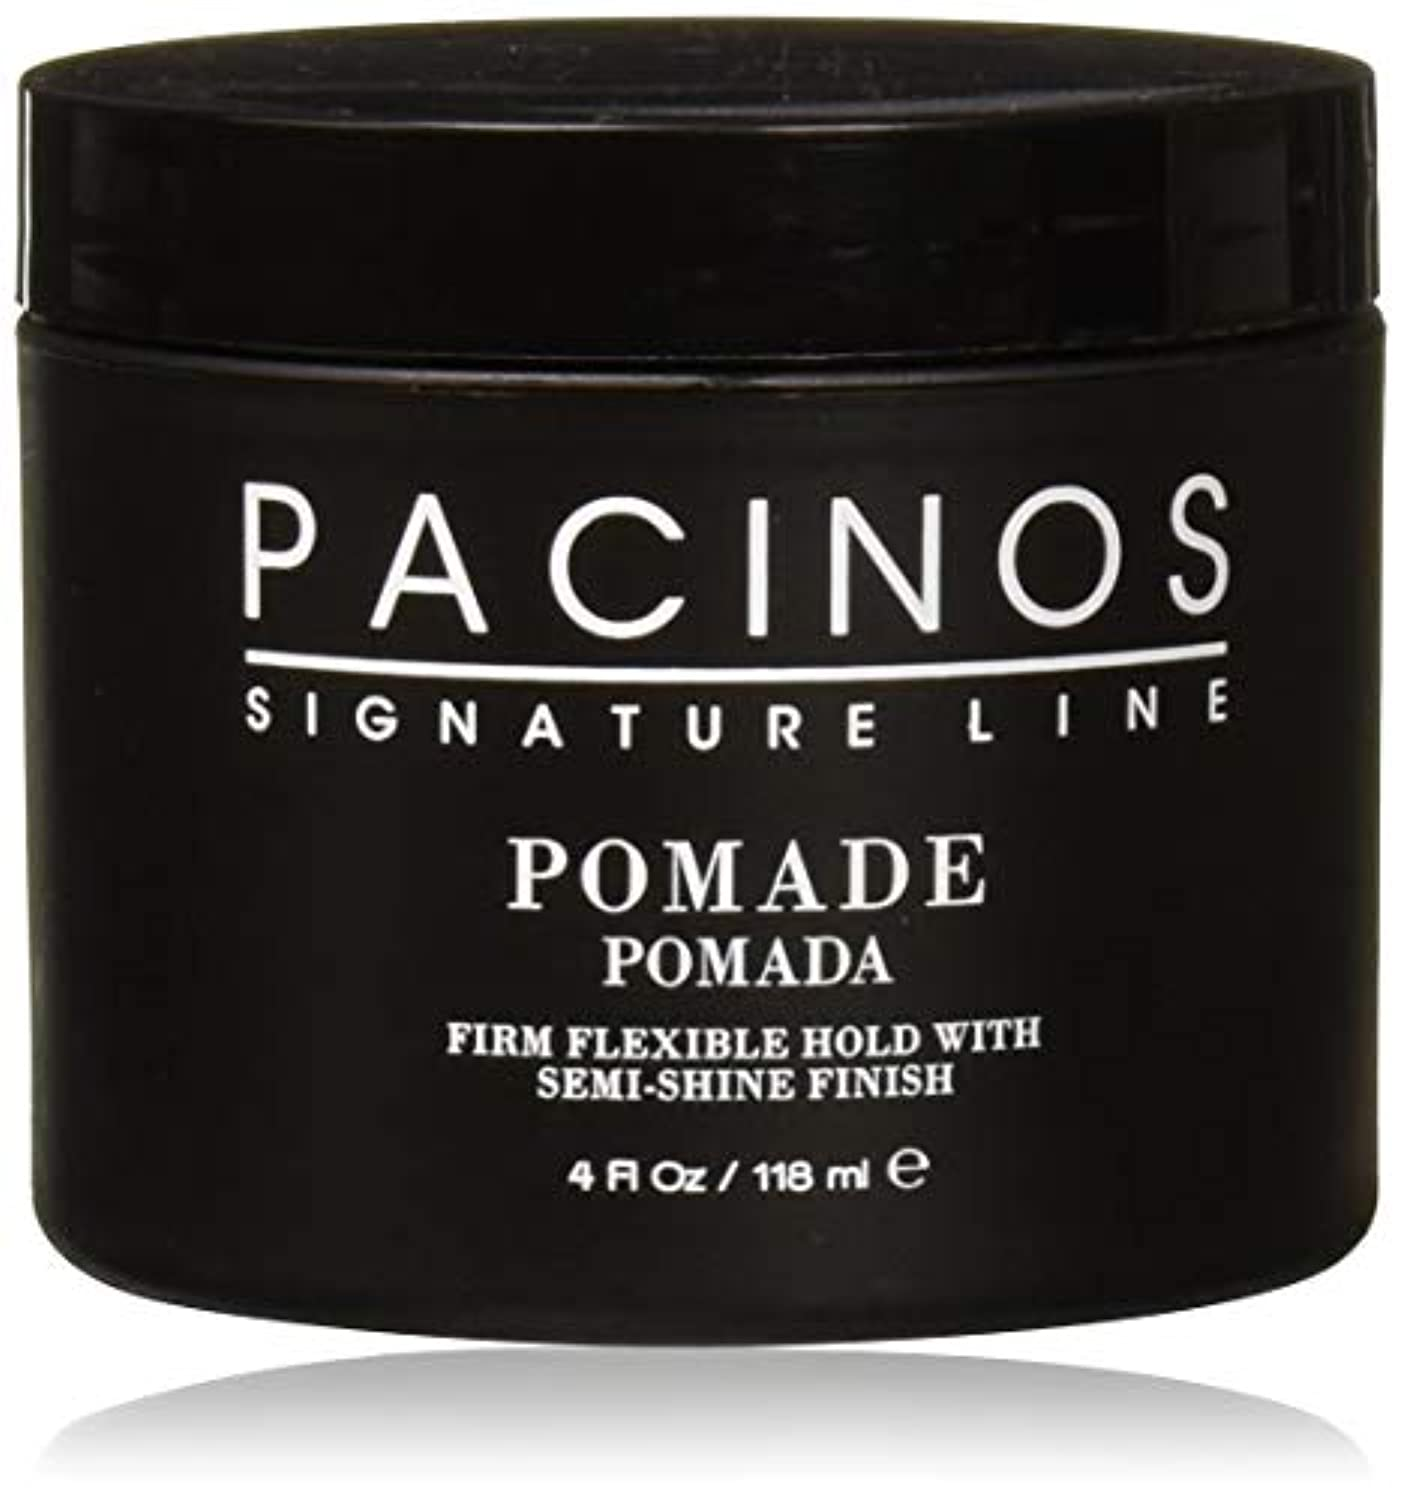 測る復活最終Pacinos Pomade パチーノス?ポマード【日本正規品】4oz(118g)